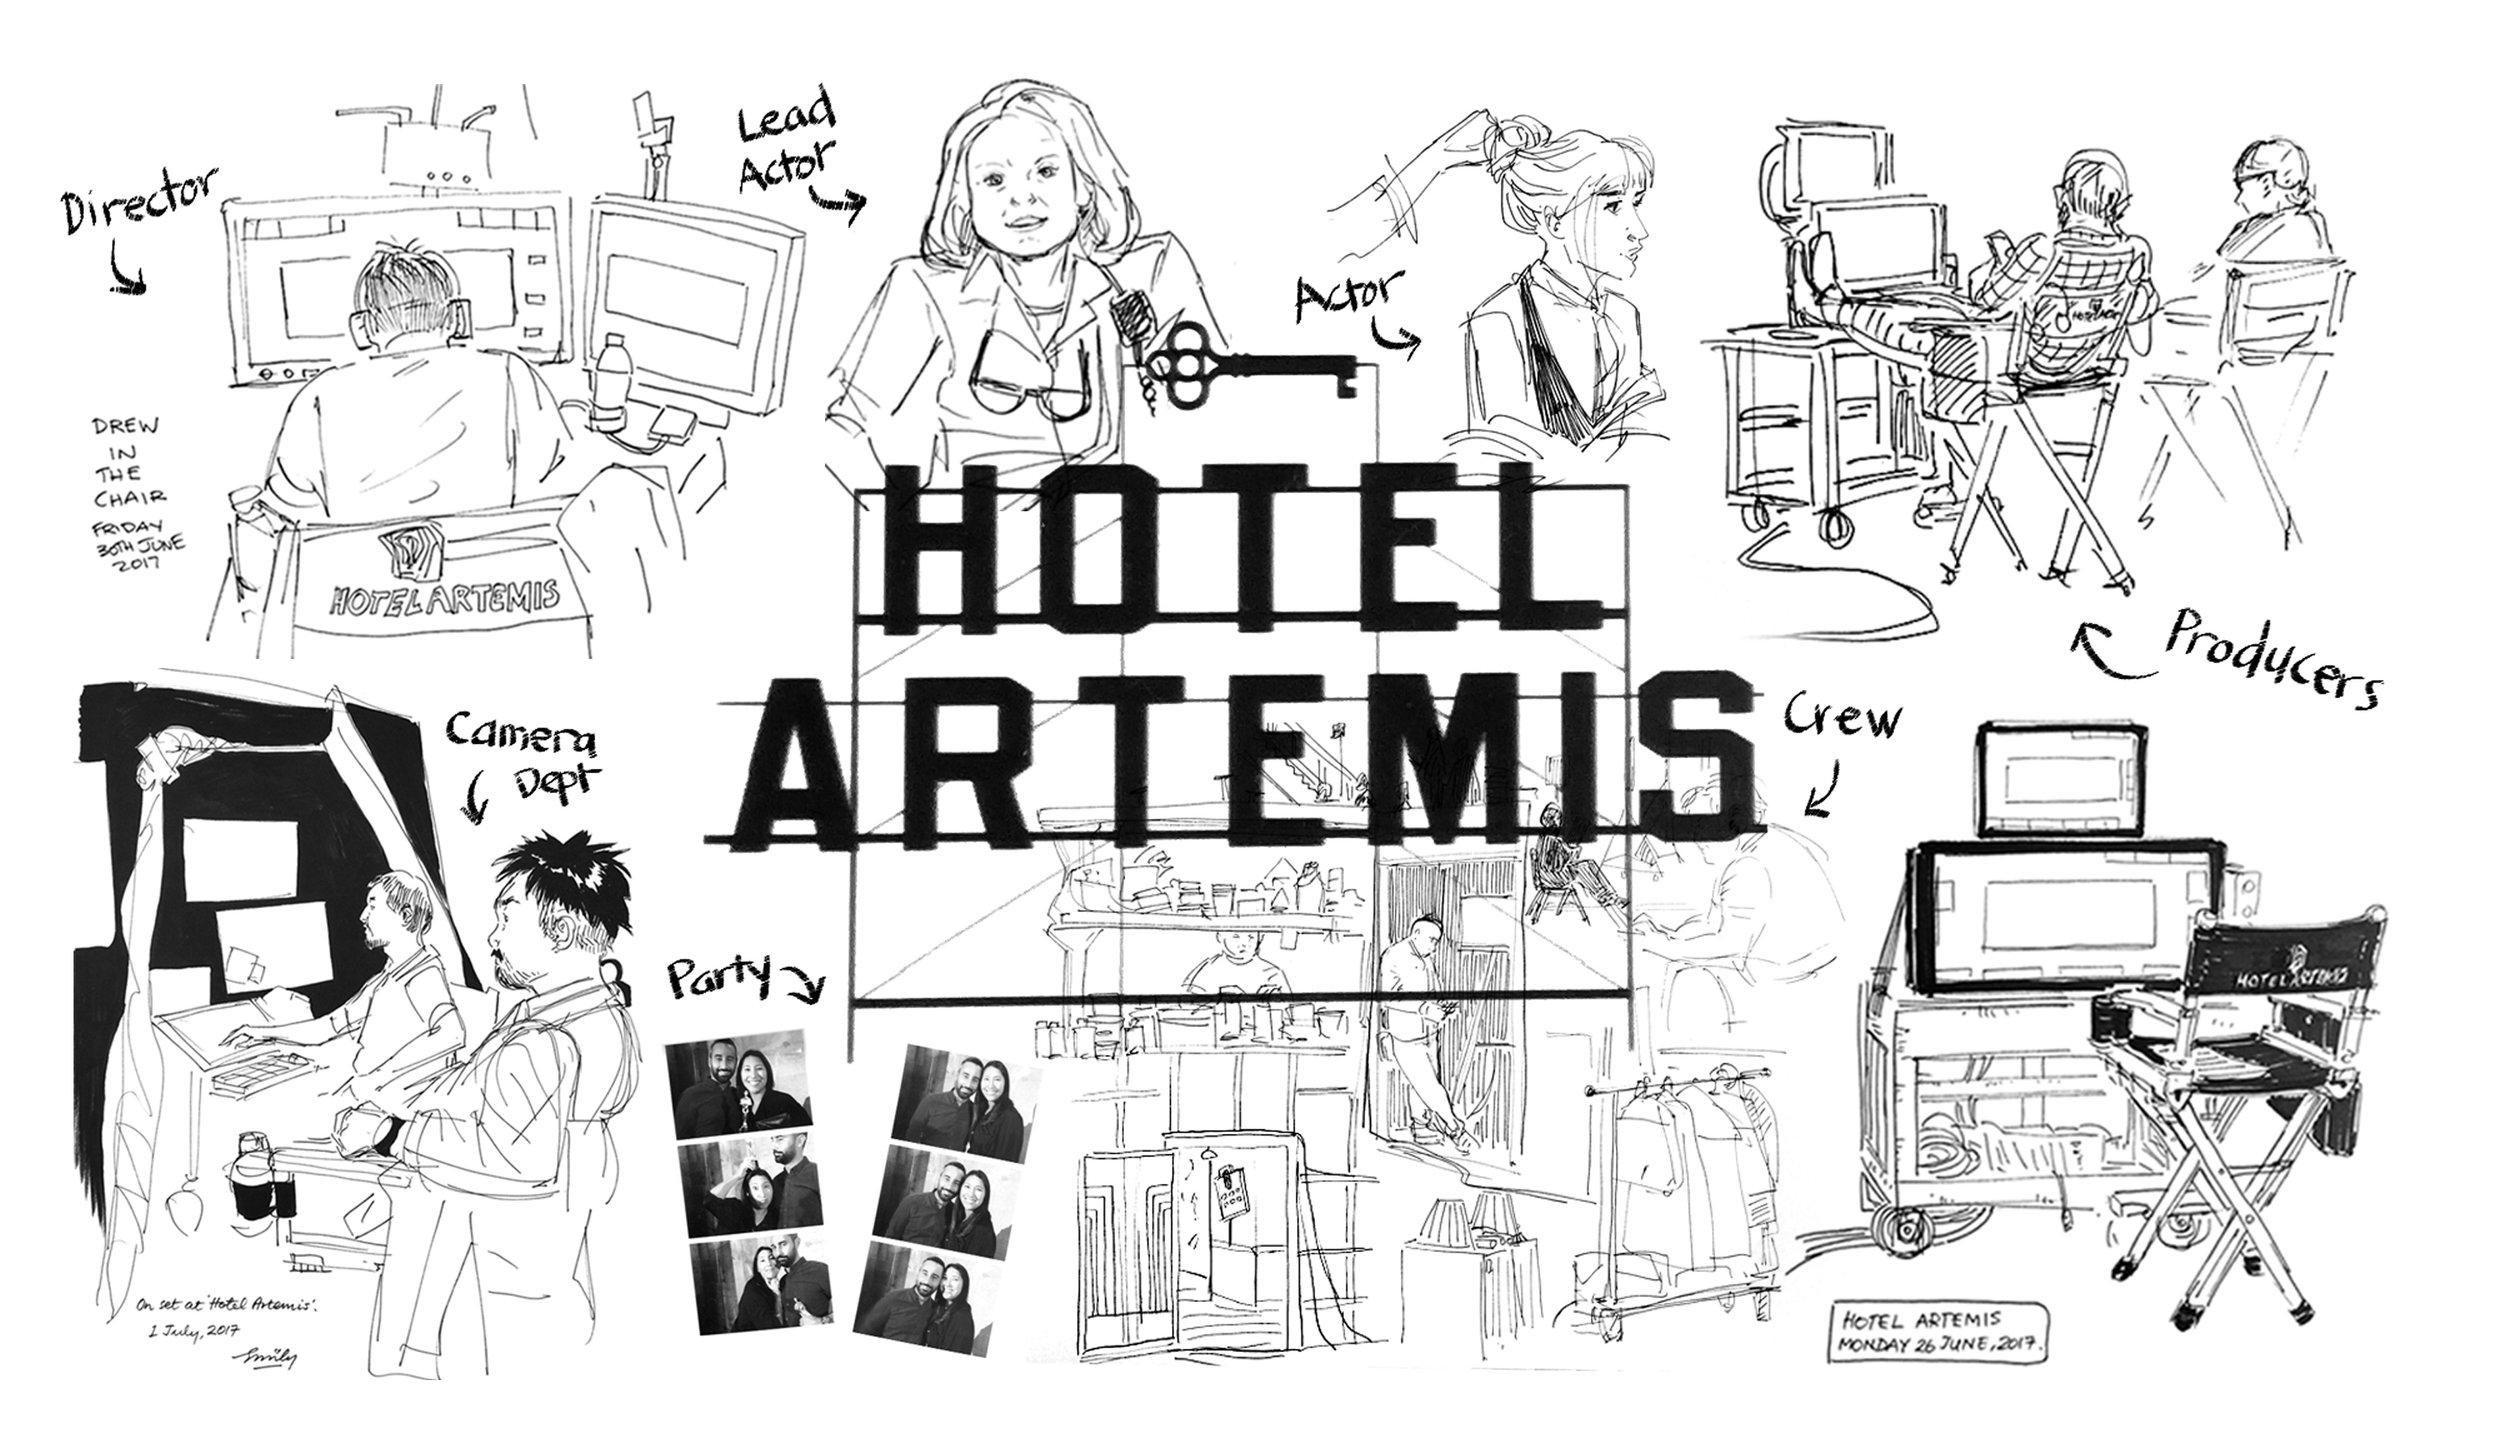 Hotel Artemis Sketchbook by Emily Dean